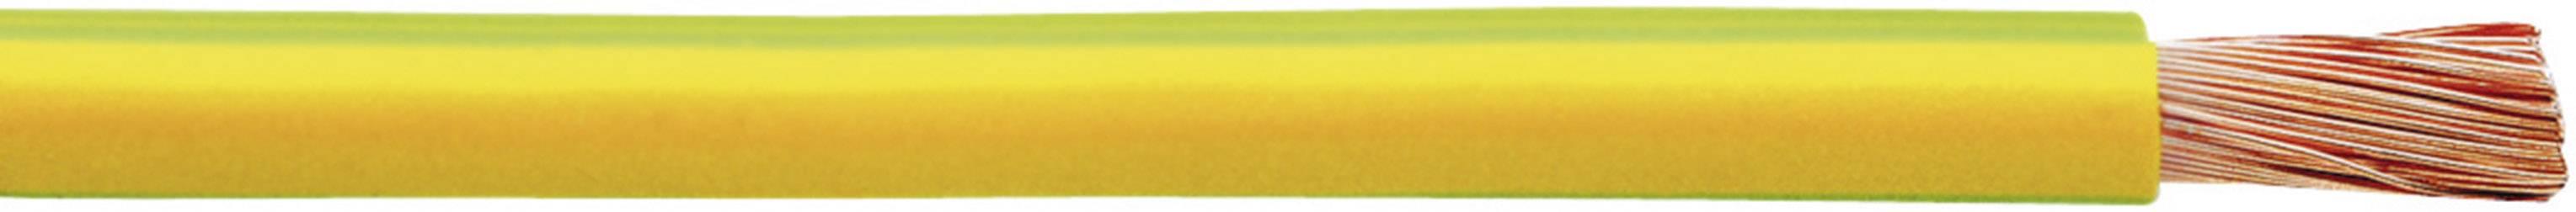 Opletenie / lanko Faber Kabel 040059 H07V-K, 1 x 2.50 mm², vonkajší Ø 3.40 mm, 100 m, biela